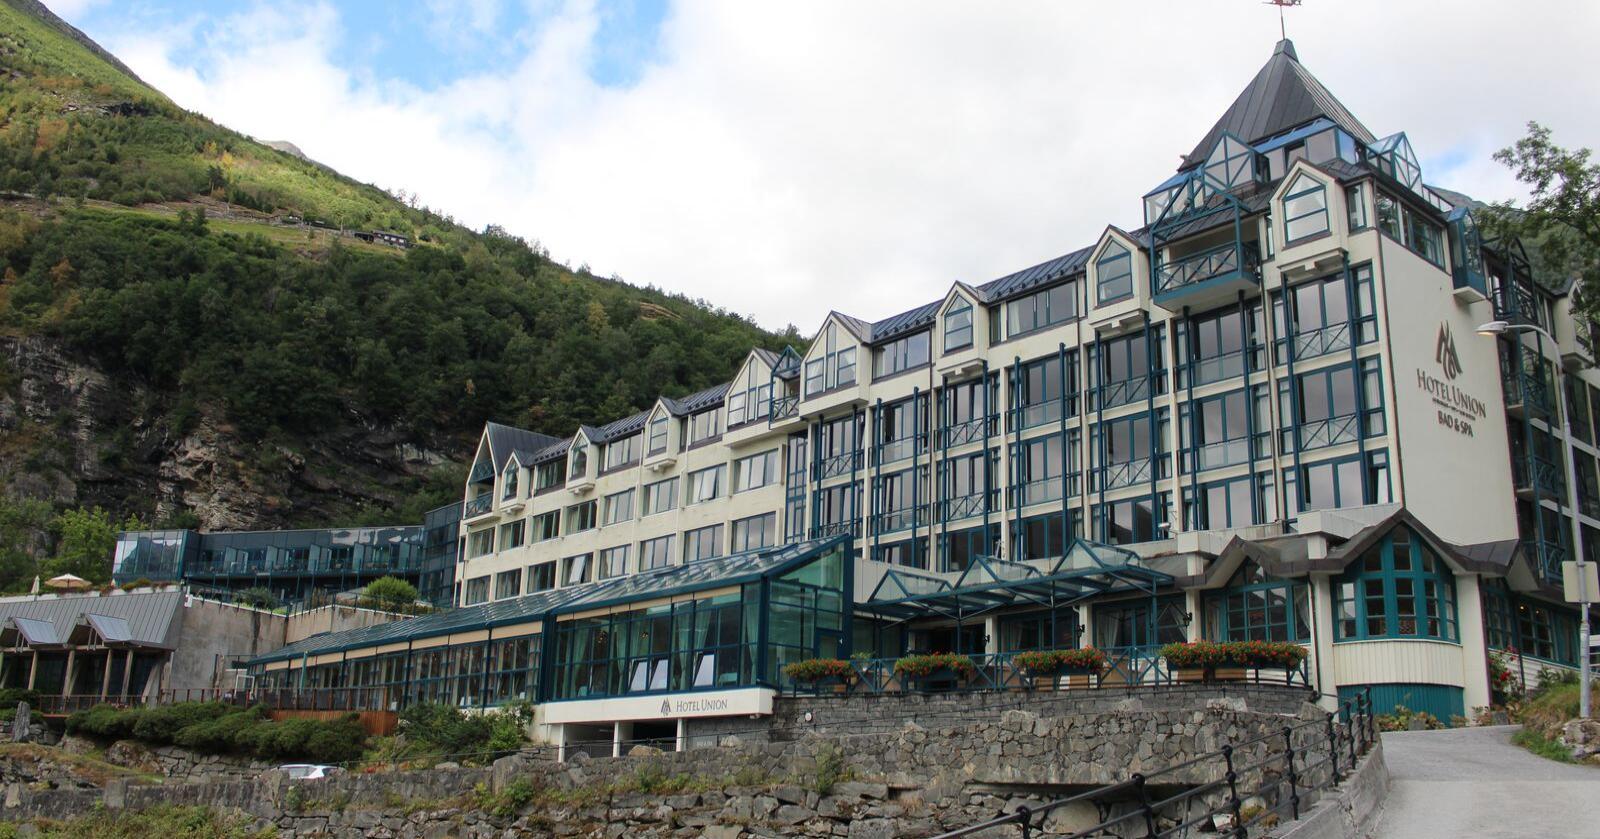 Dei utanlandske turistane har ikkje kome til norske hotell i sommar. På Hotel Union Geiranger er berre om lag fem prosent av inntektene frå utanlandske besøkande. Foto: Peder Skjelten/ NPK